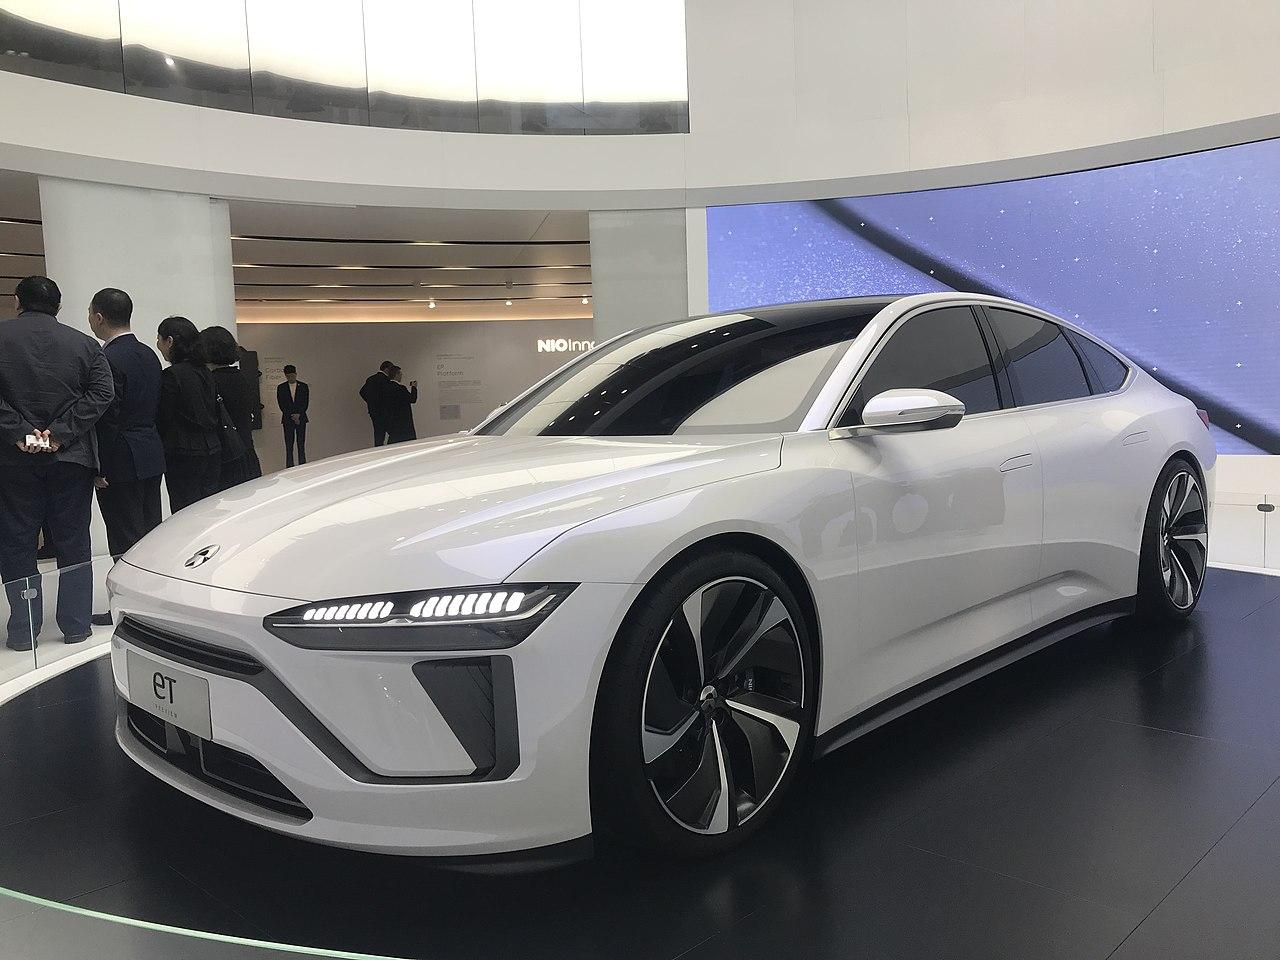 premiere voiture electrique batterie solide chine 2022 - L'Energeek